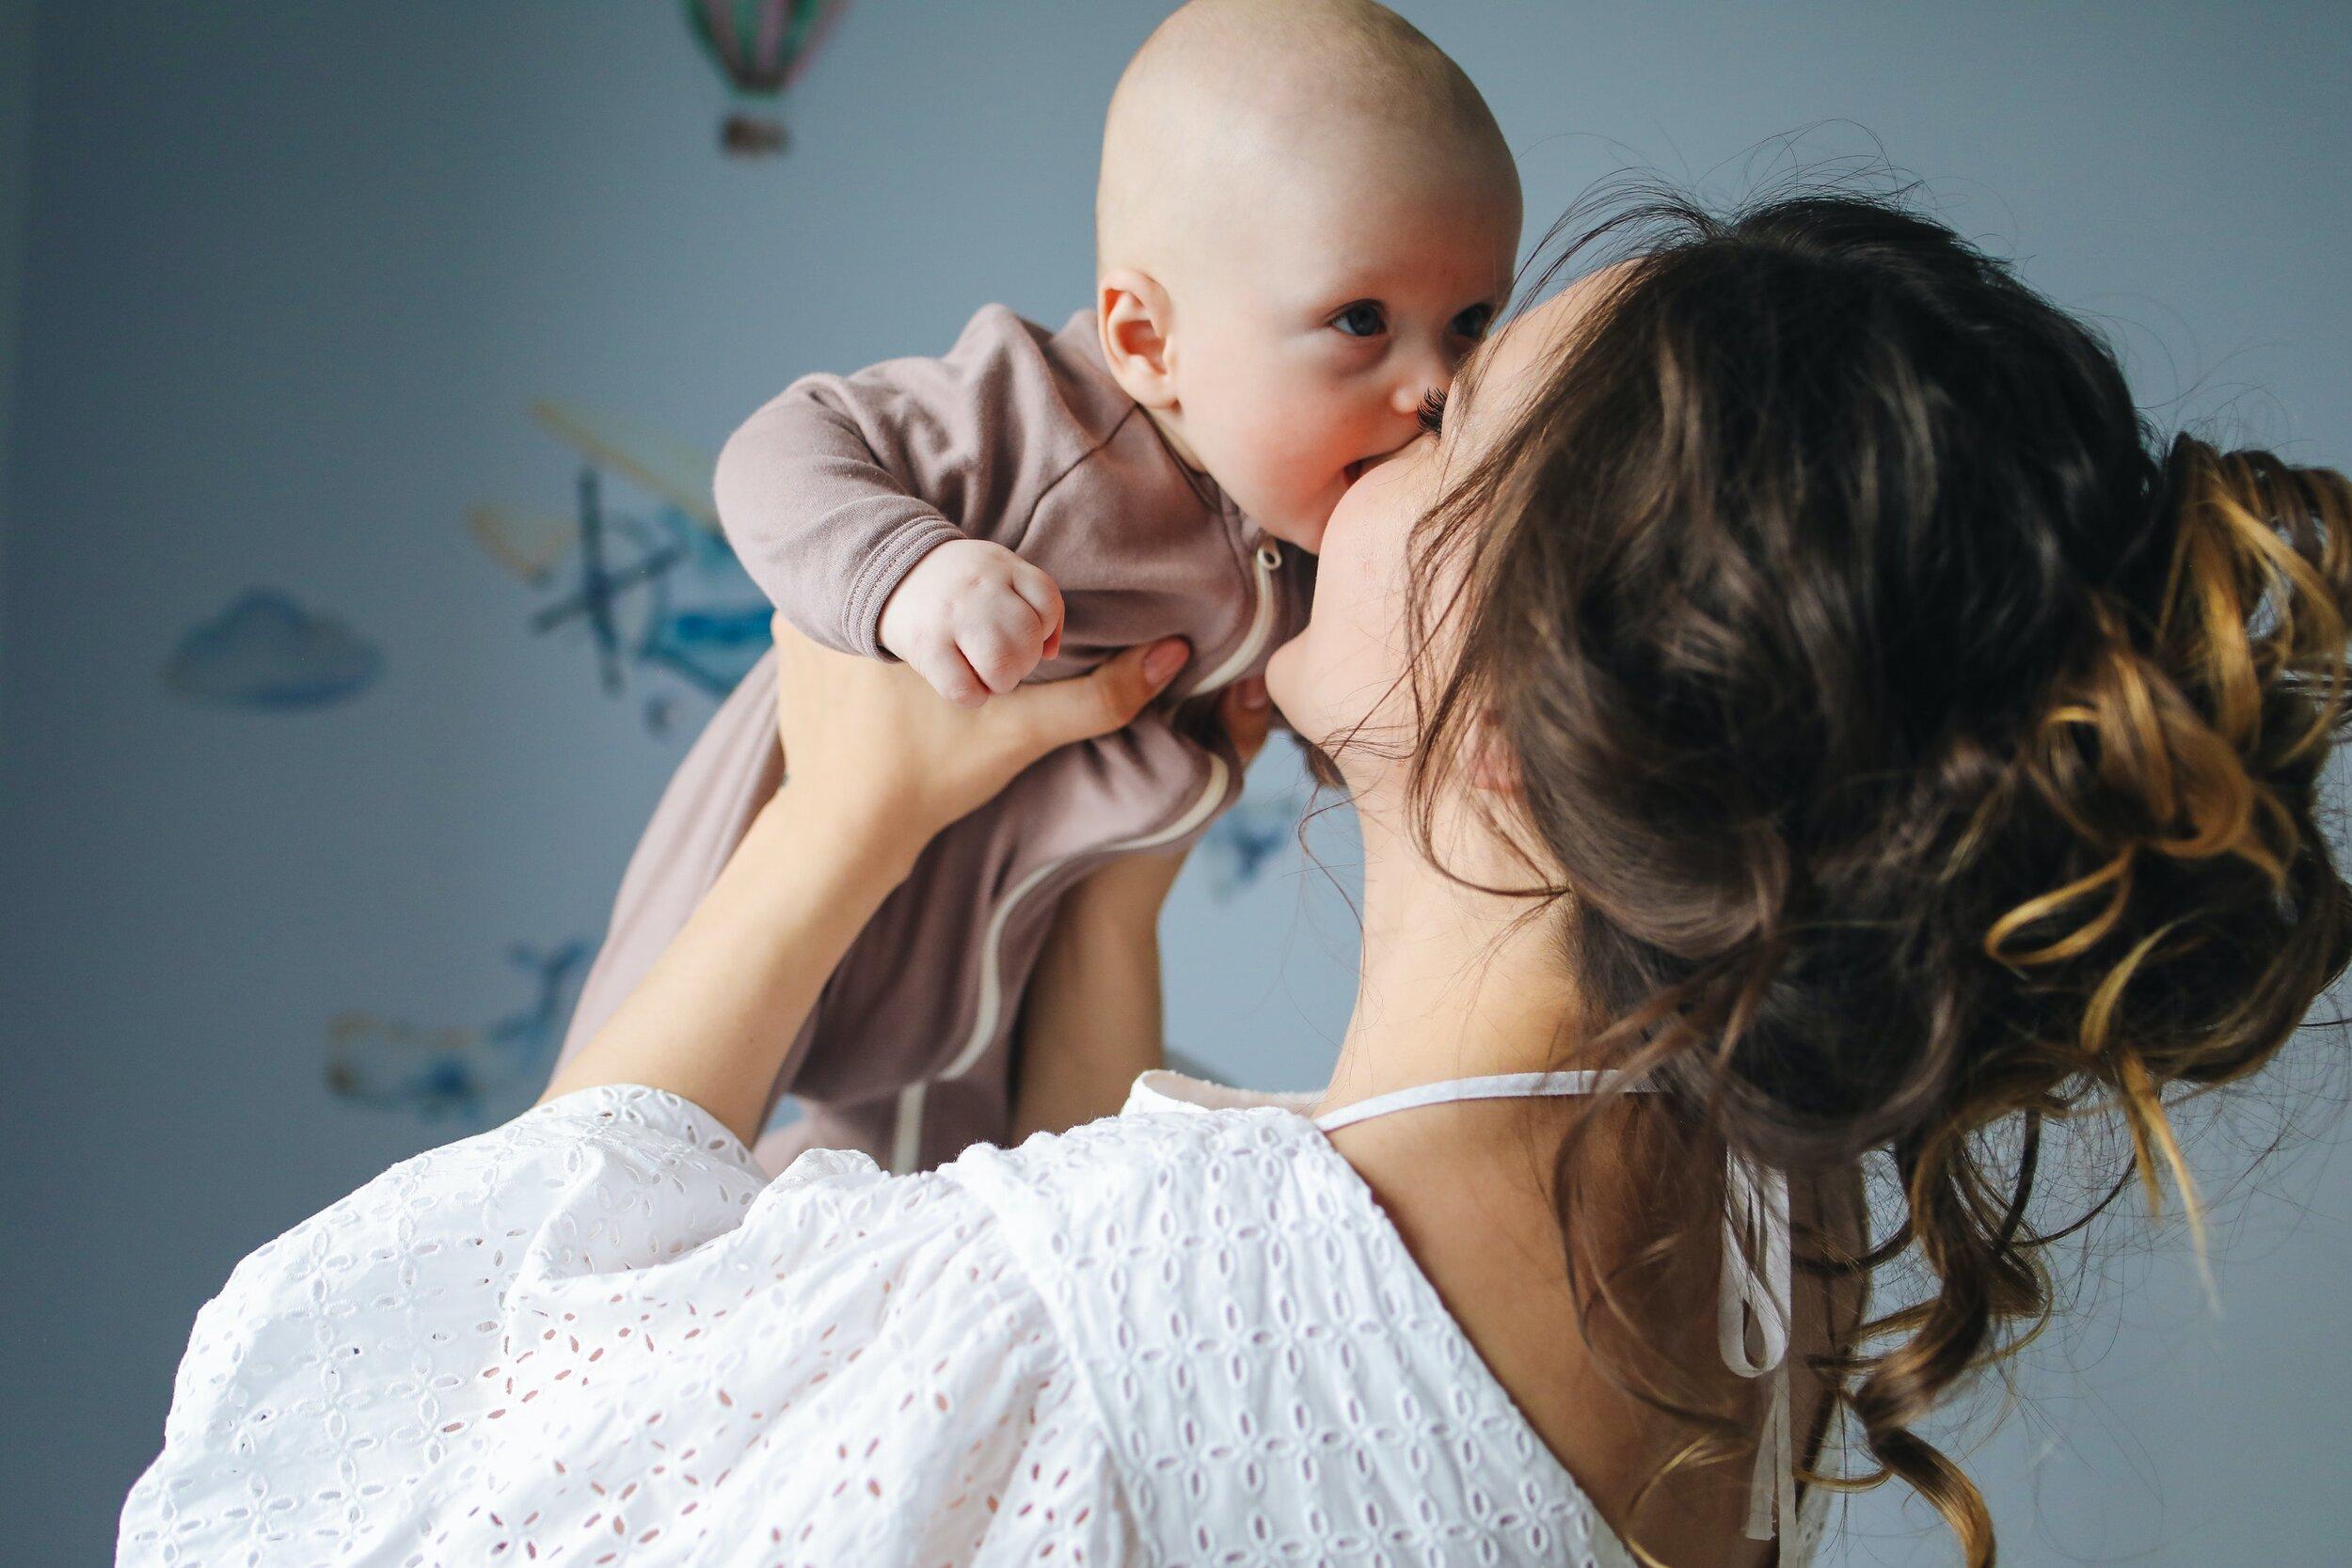 woman-in-white-top-carrying-baby-in-brown-onesie-3875225.jpg